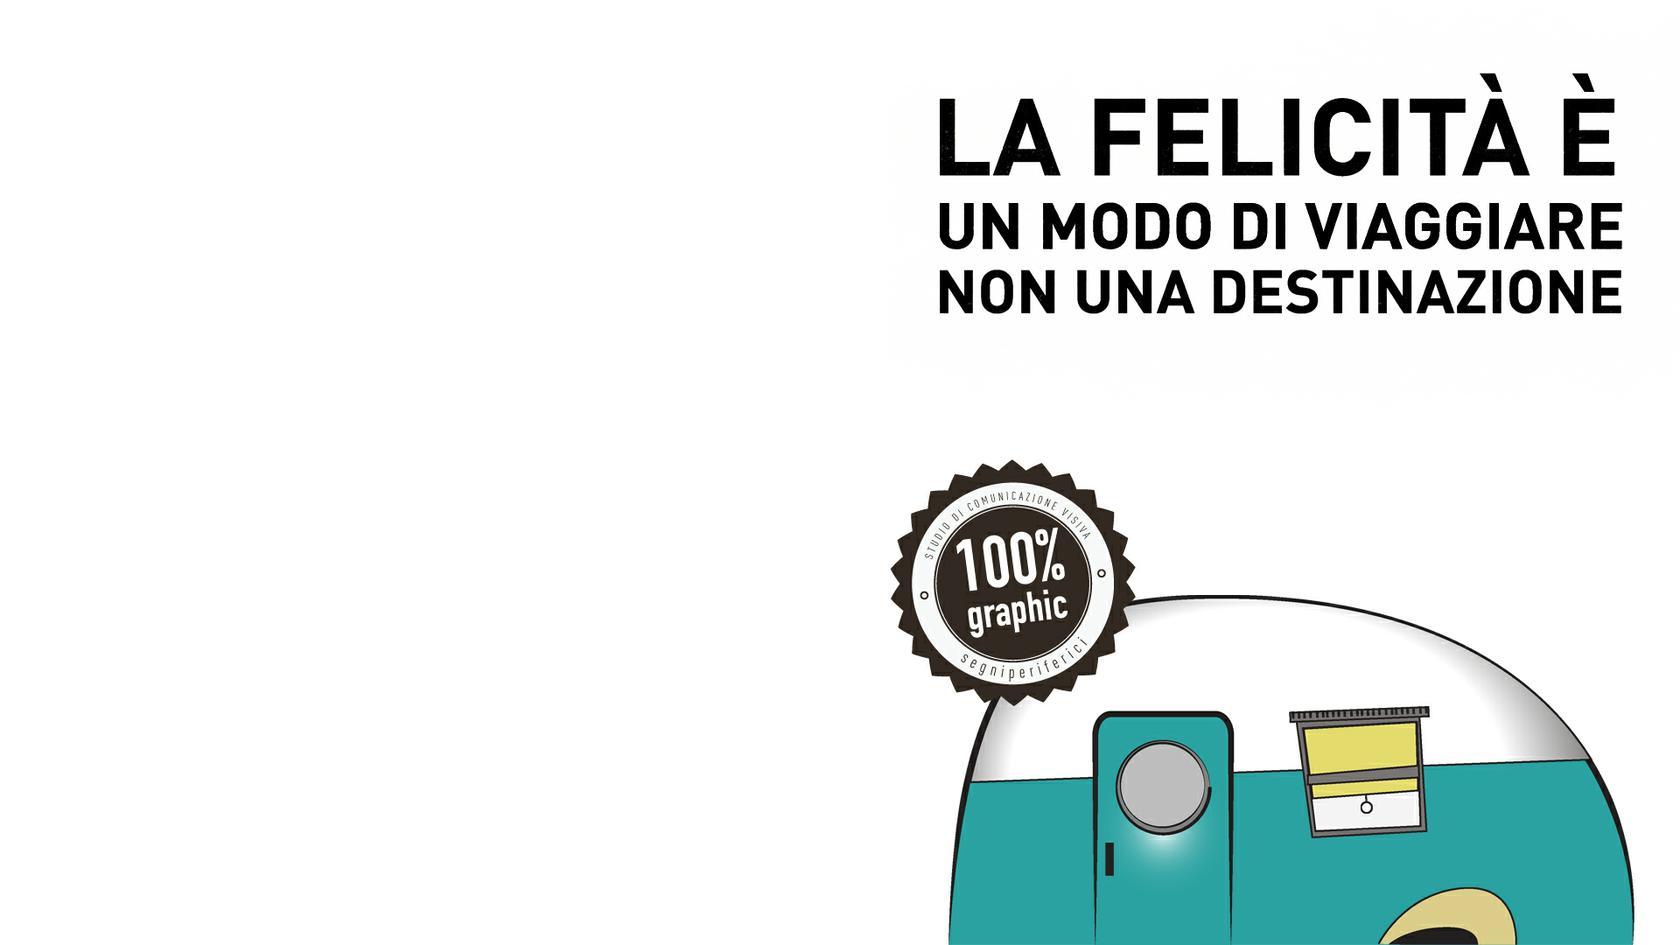 Fabrizio Ciuffatelli